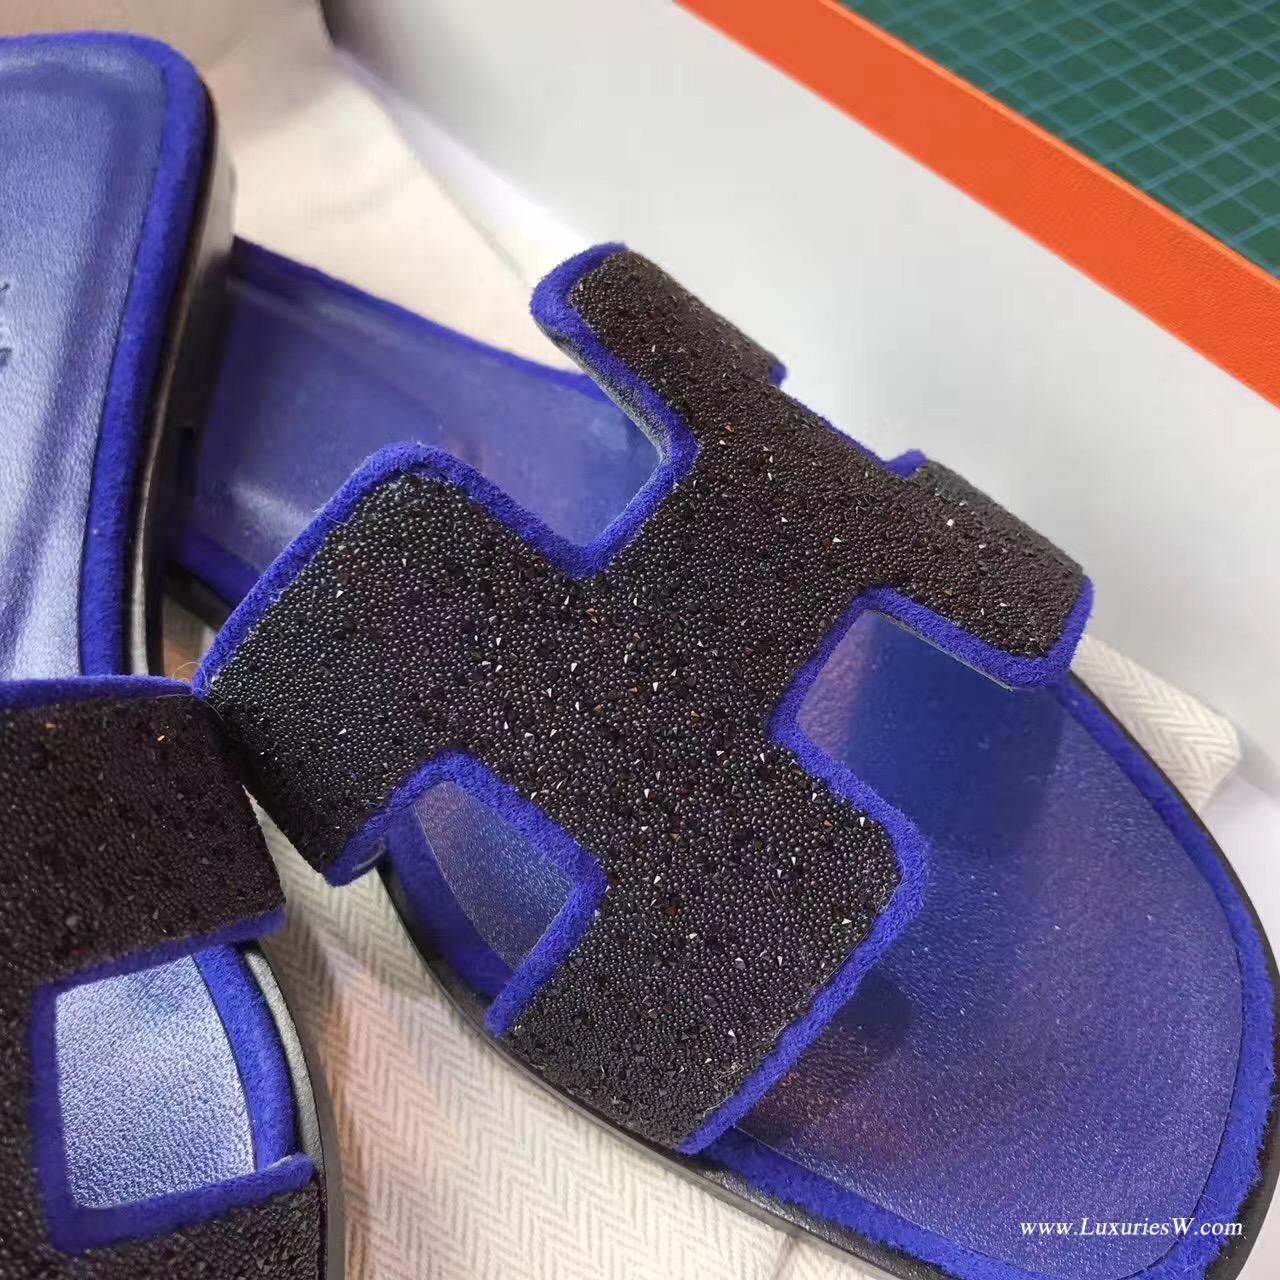 愛馬仕Hermes 經典款女士涼鞋 H型拖鞋電光藍亮晶晶 平底涼拖鞋